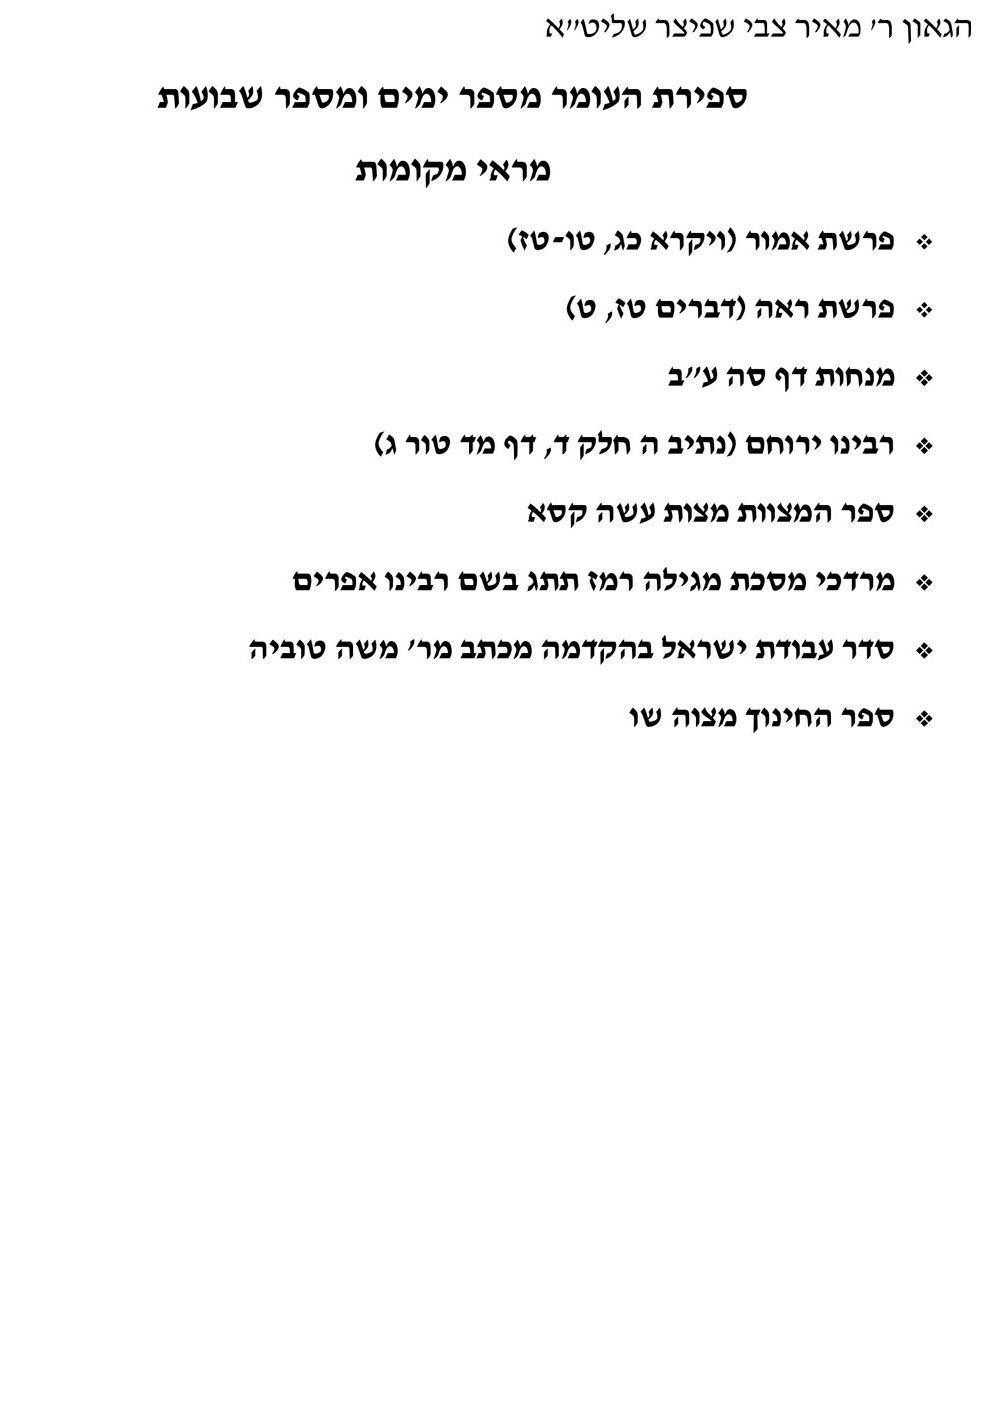 שיעור-מהרב-שפיצר-על-ספירת-העומר-1